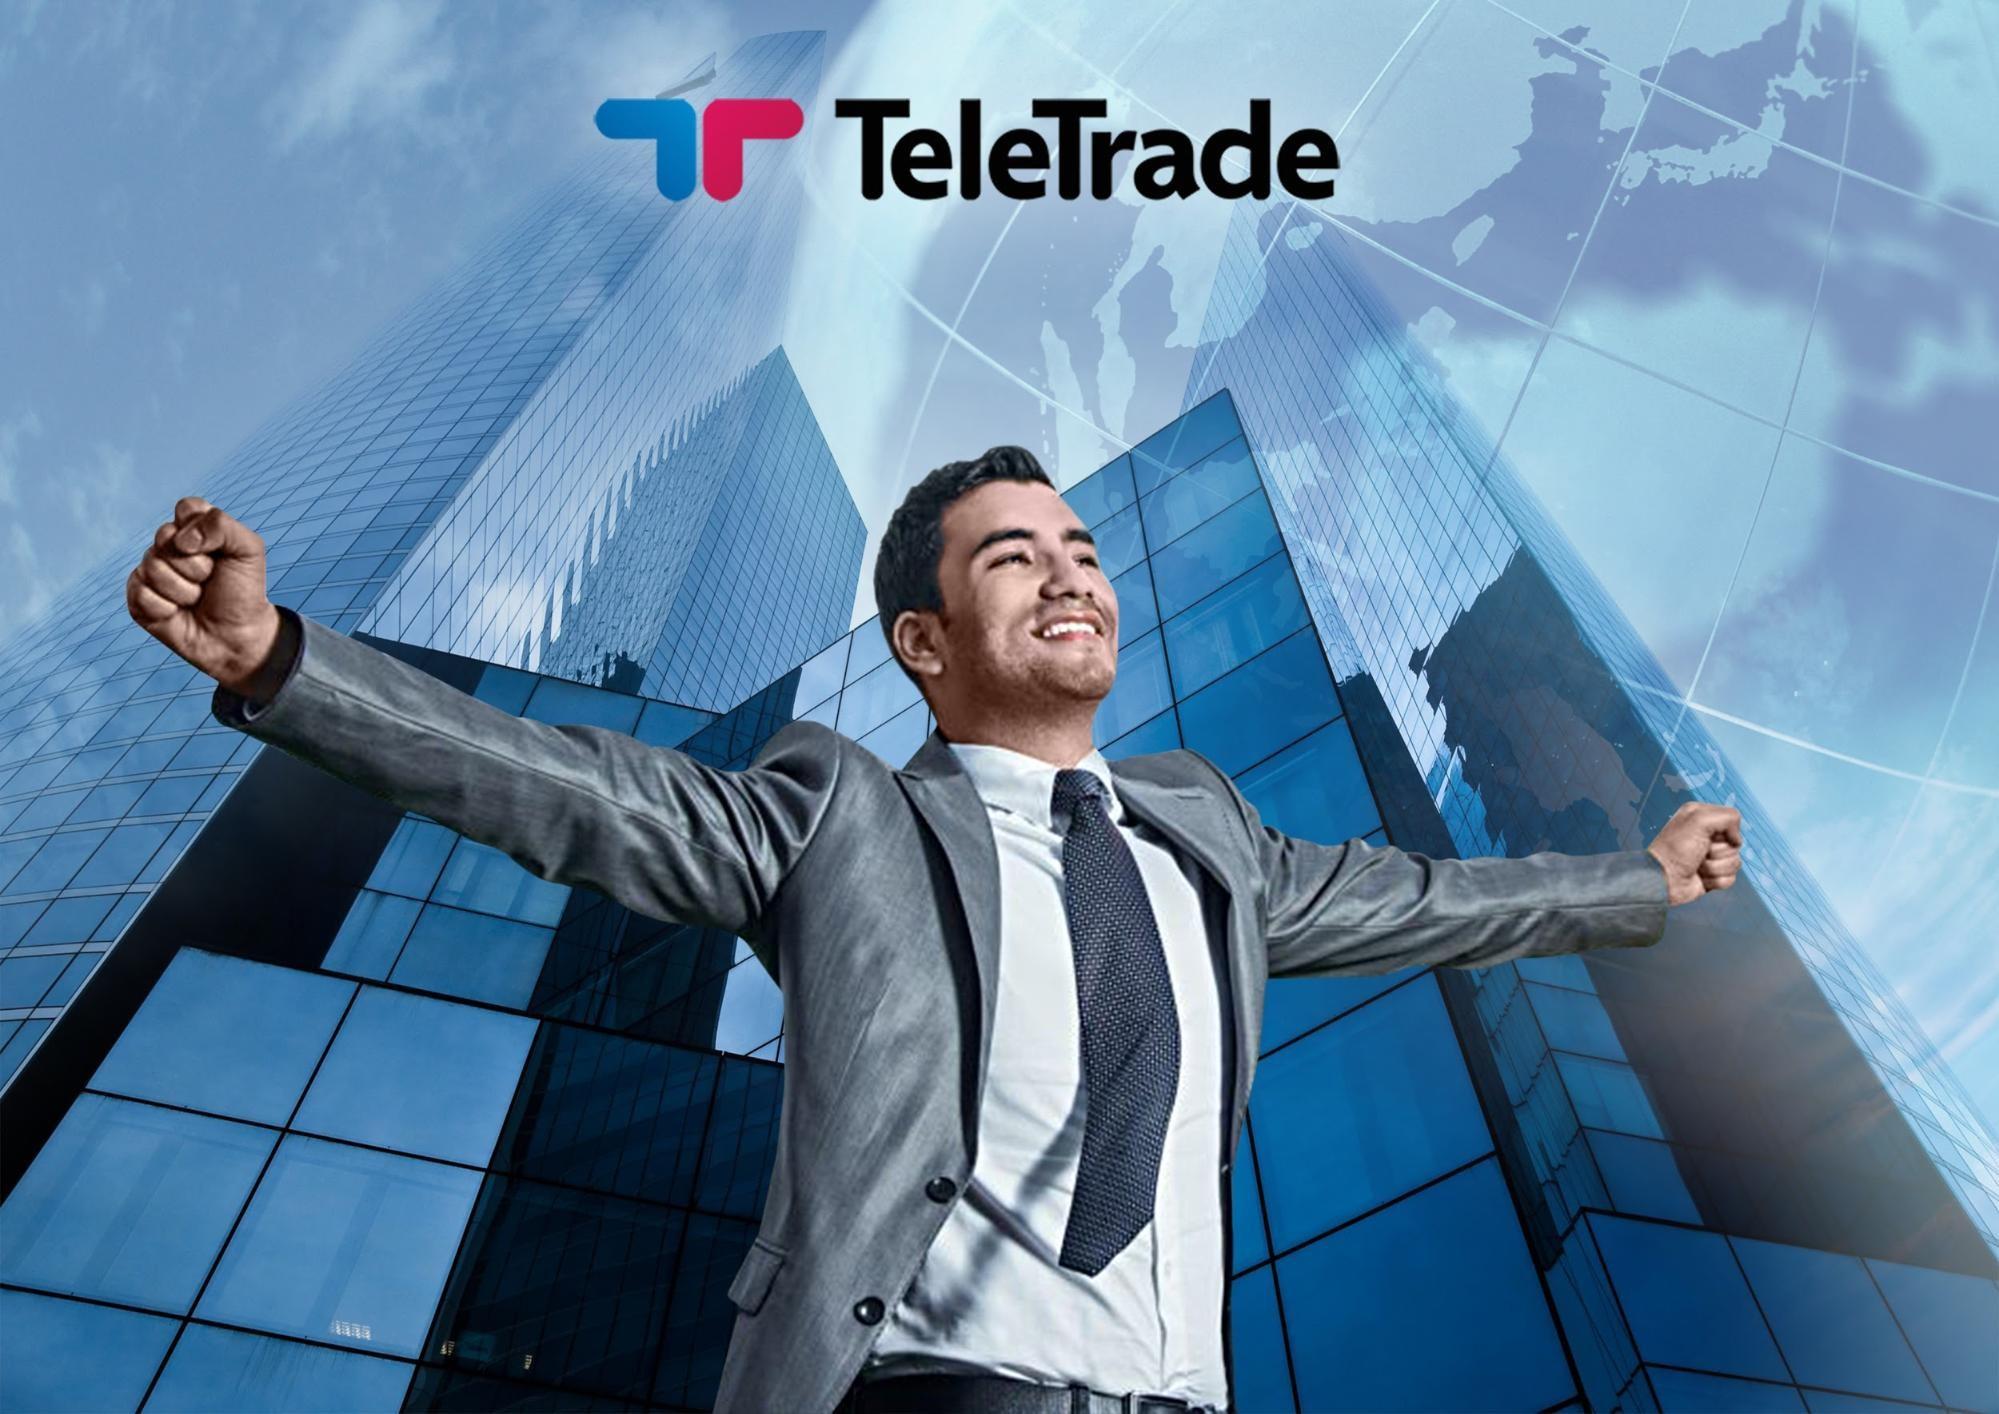 Teletrade вакансии: что собой представляет работа на форекс-брокера